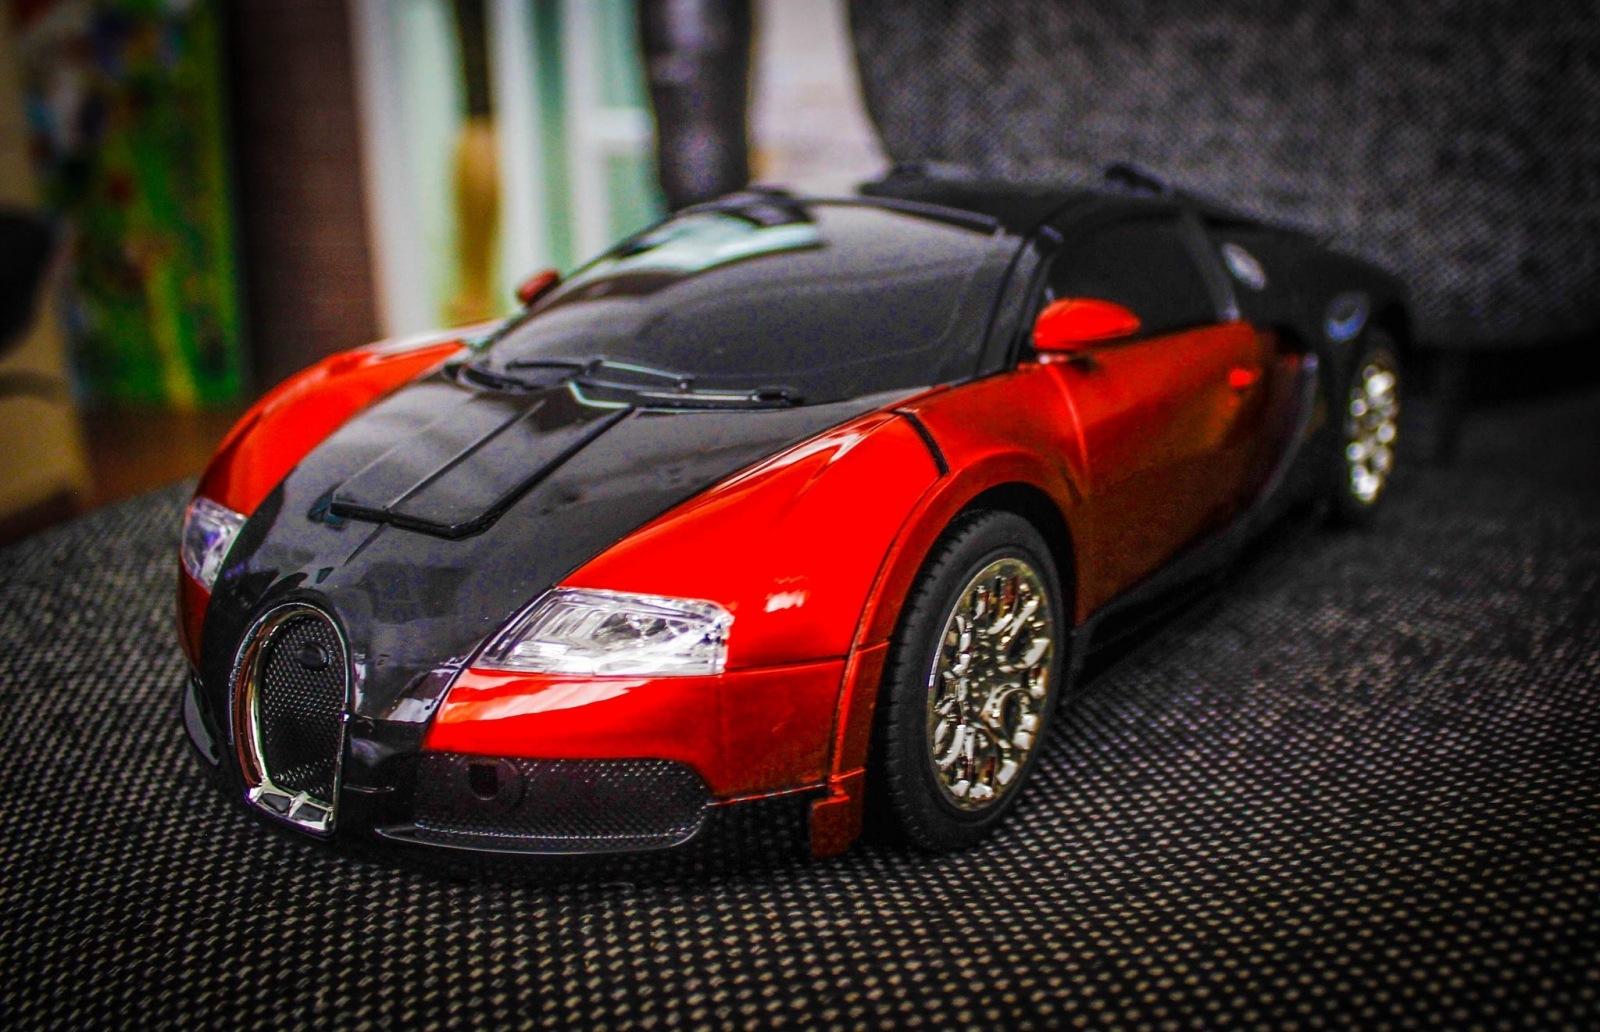 bán đồ chơi xe robot biến hình giá rẻ đẹp tại hcm 005